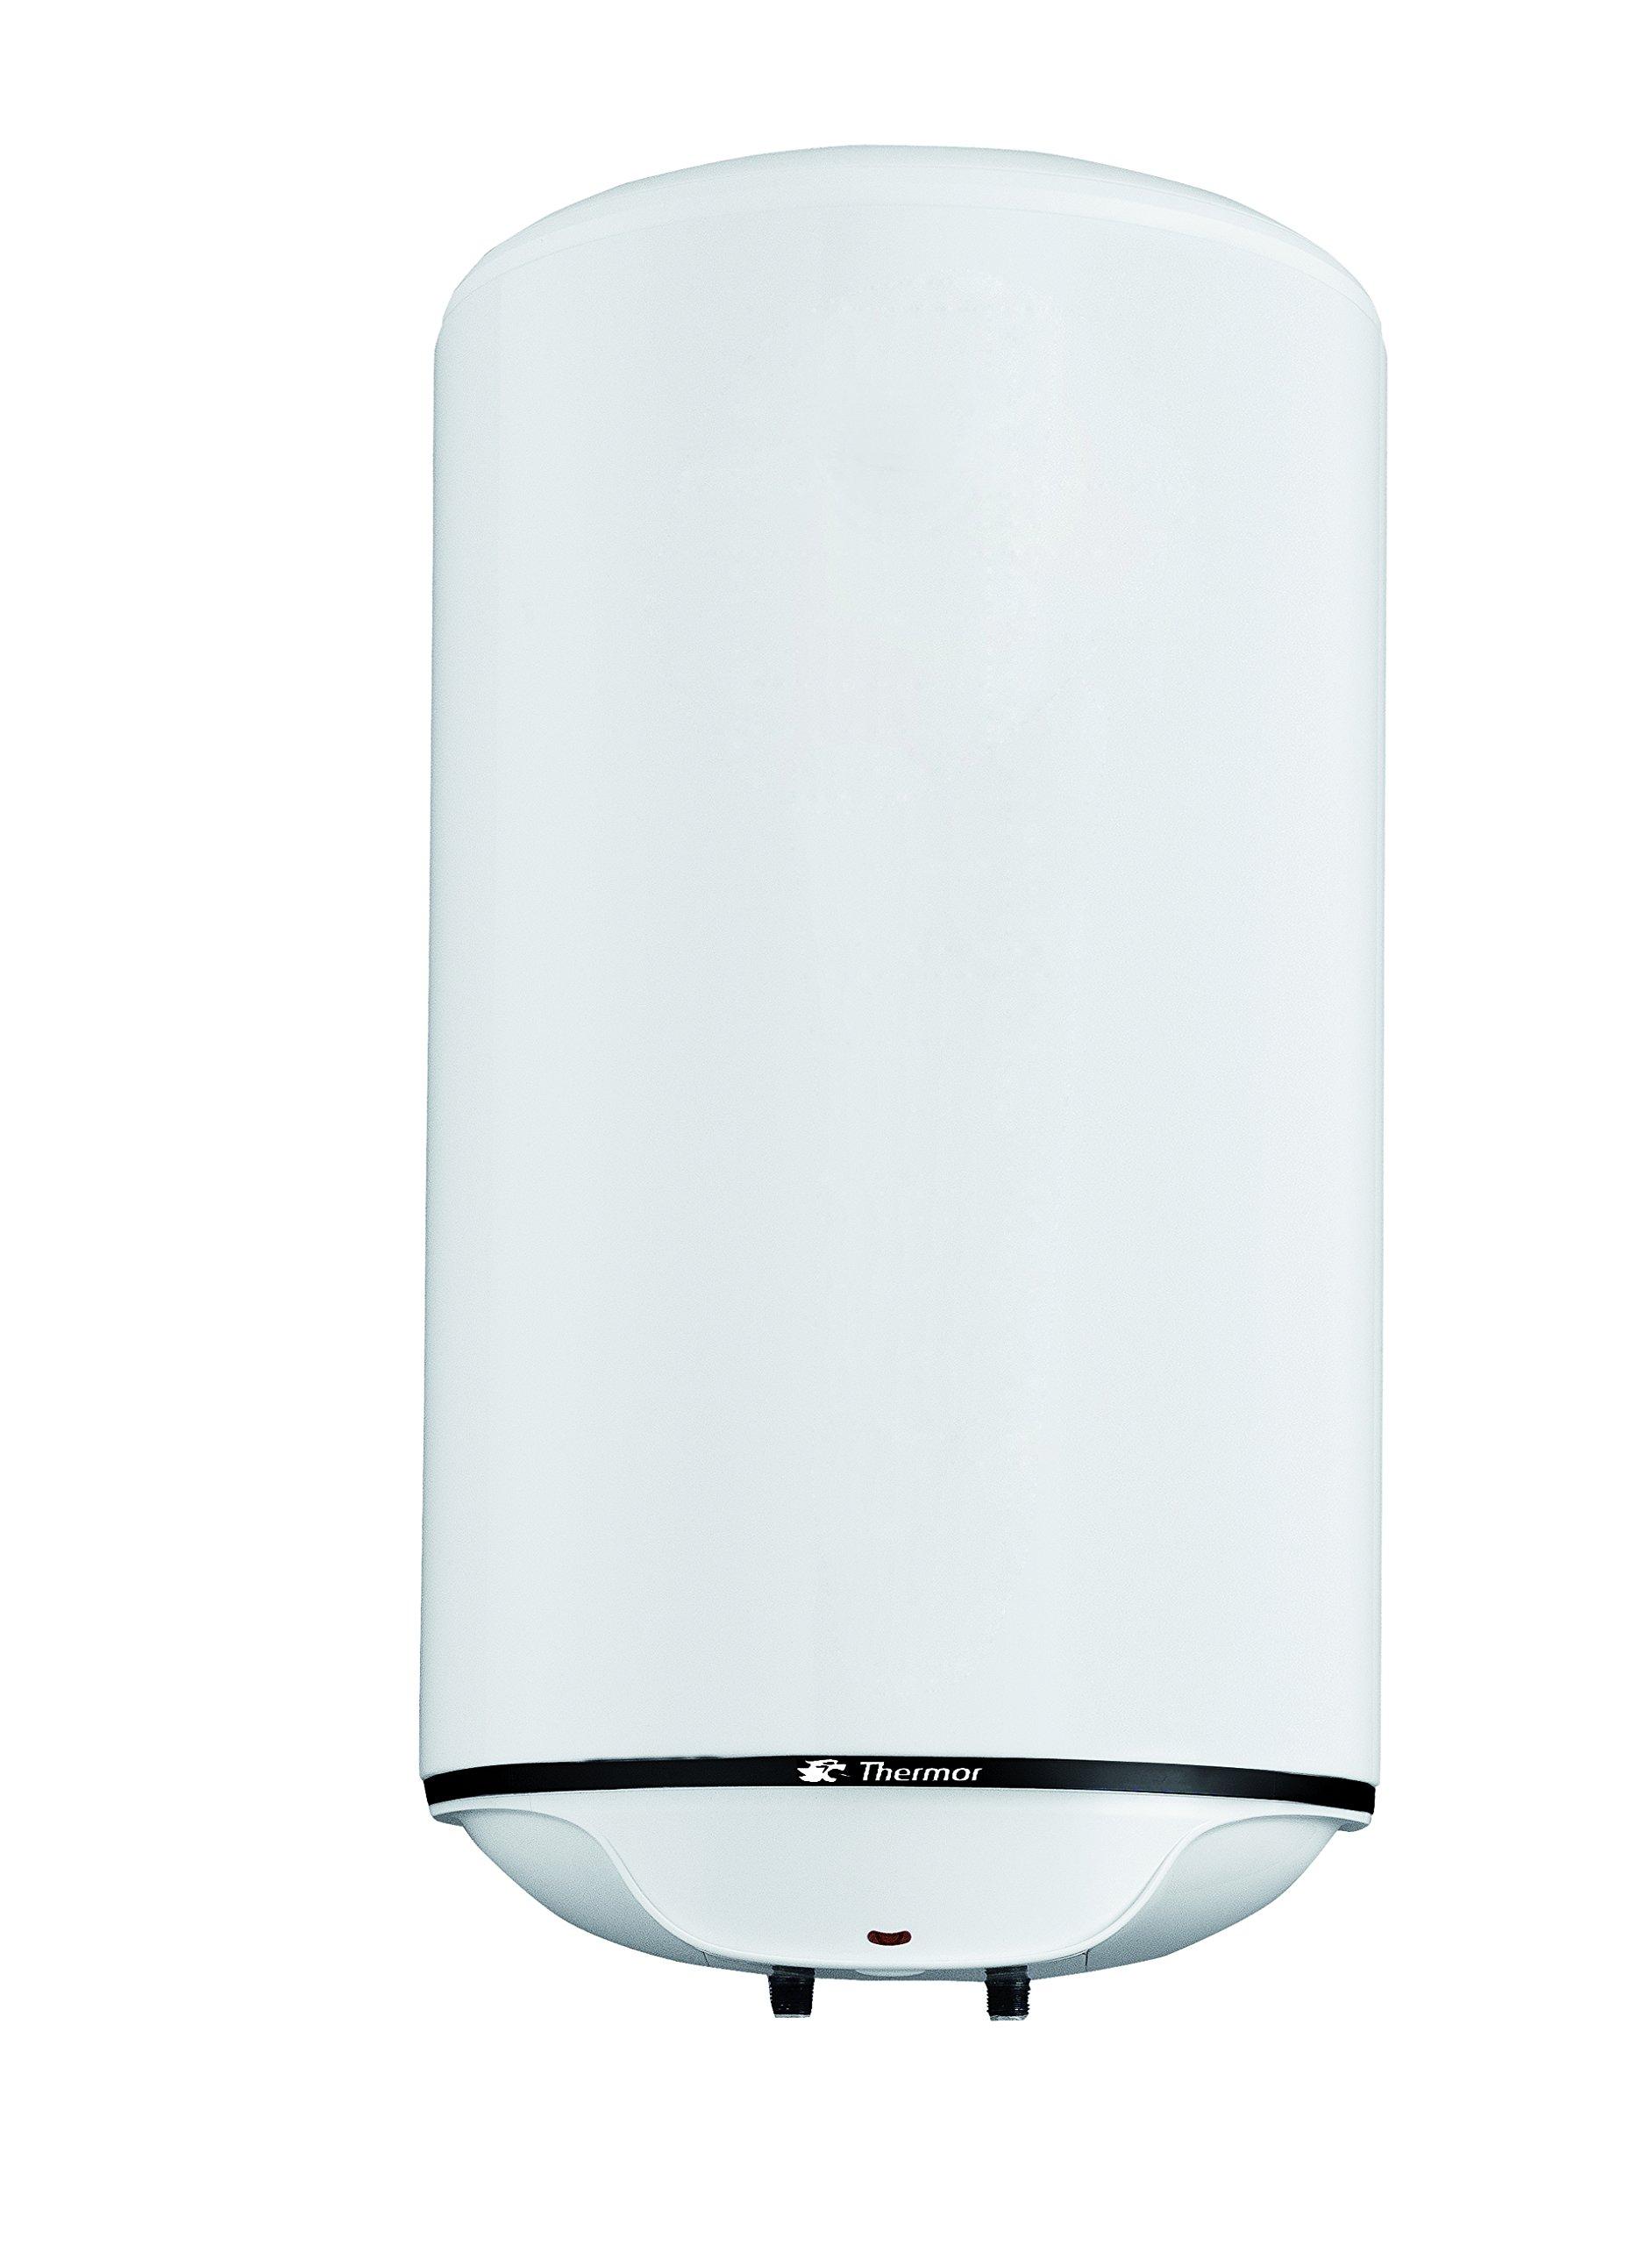 Atlantic Iberica 251077 – Termo premium ceramics pro 80lt 1500w vertical